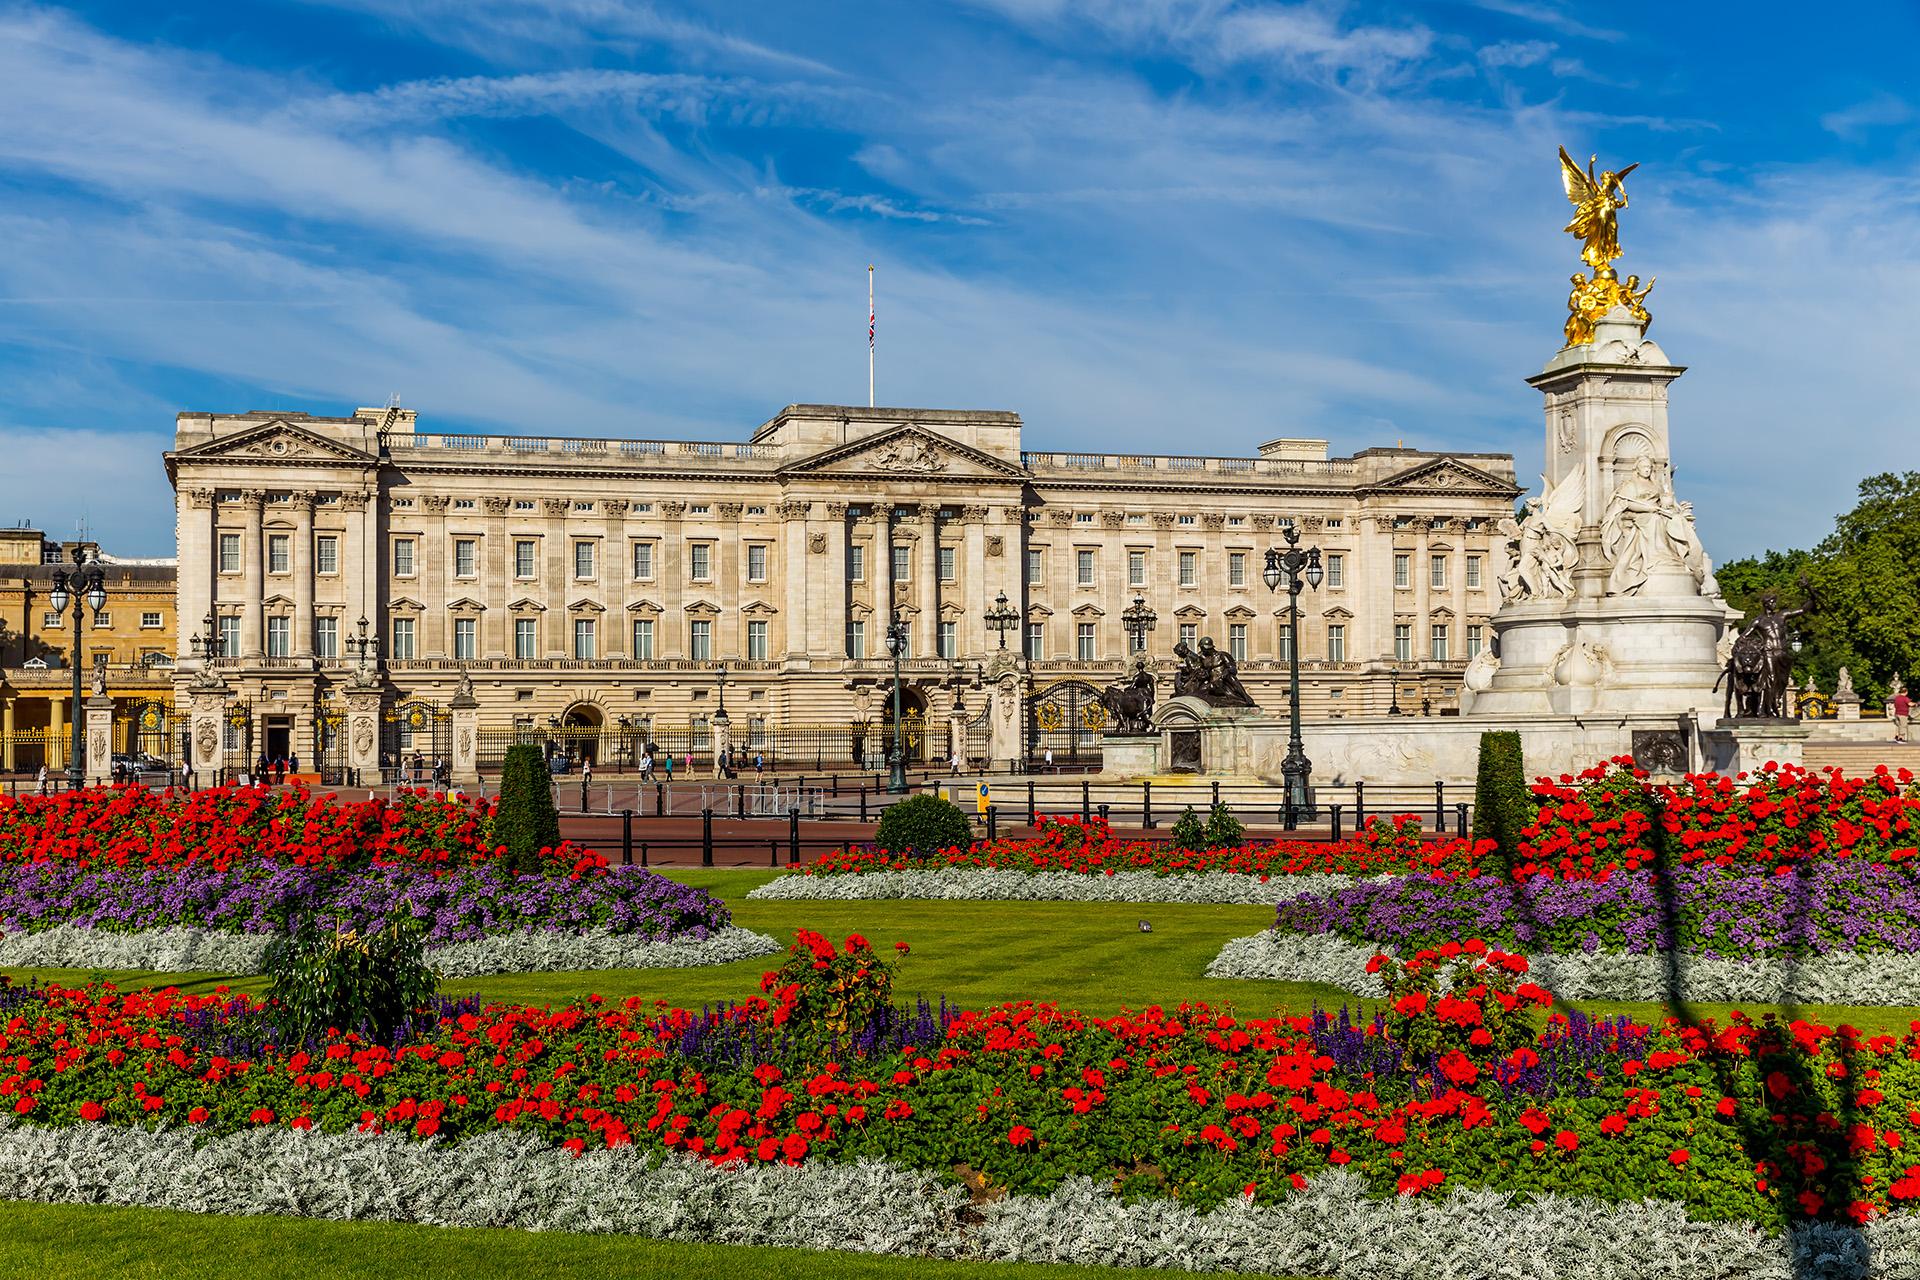 Buckingham Palace - London Holiday Studios